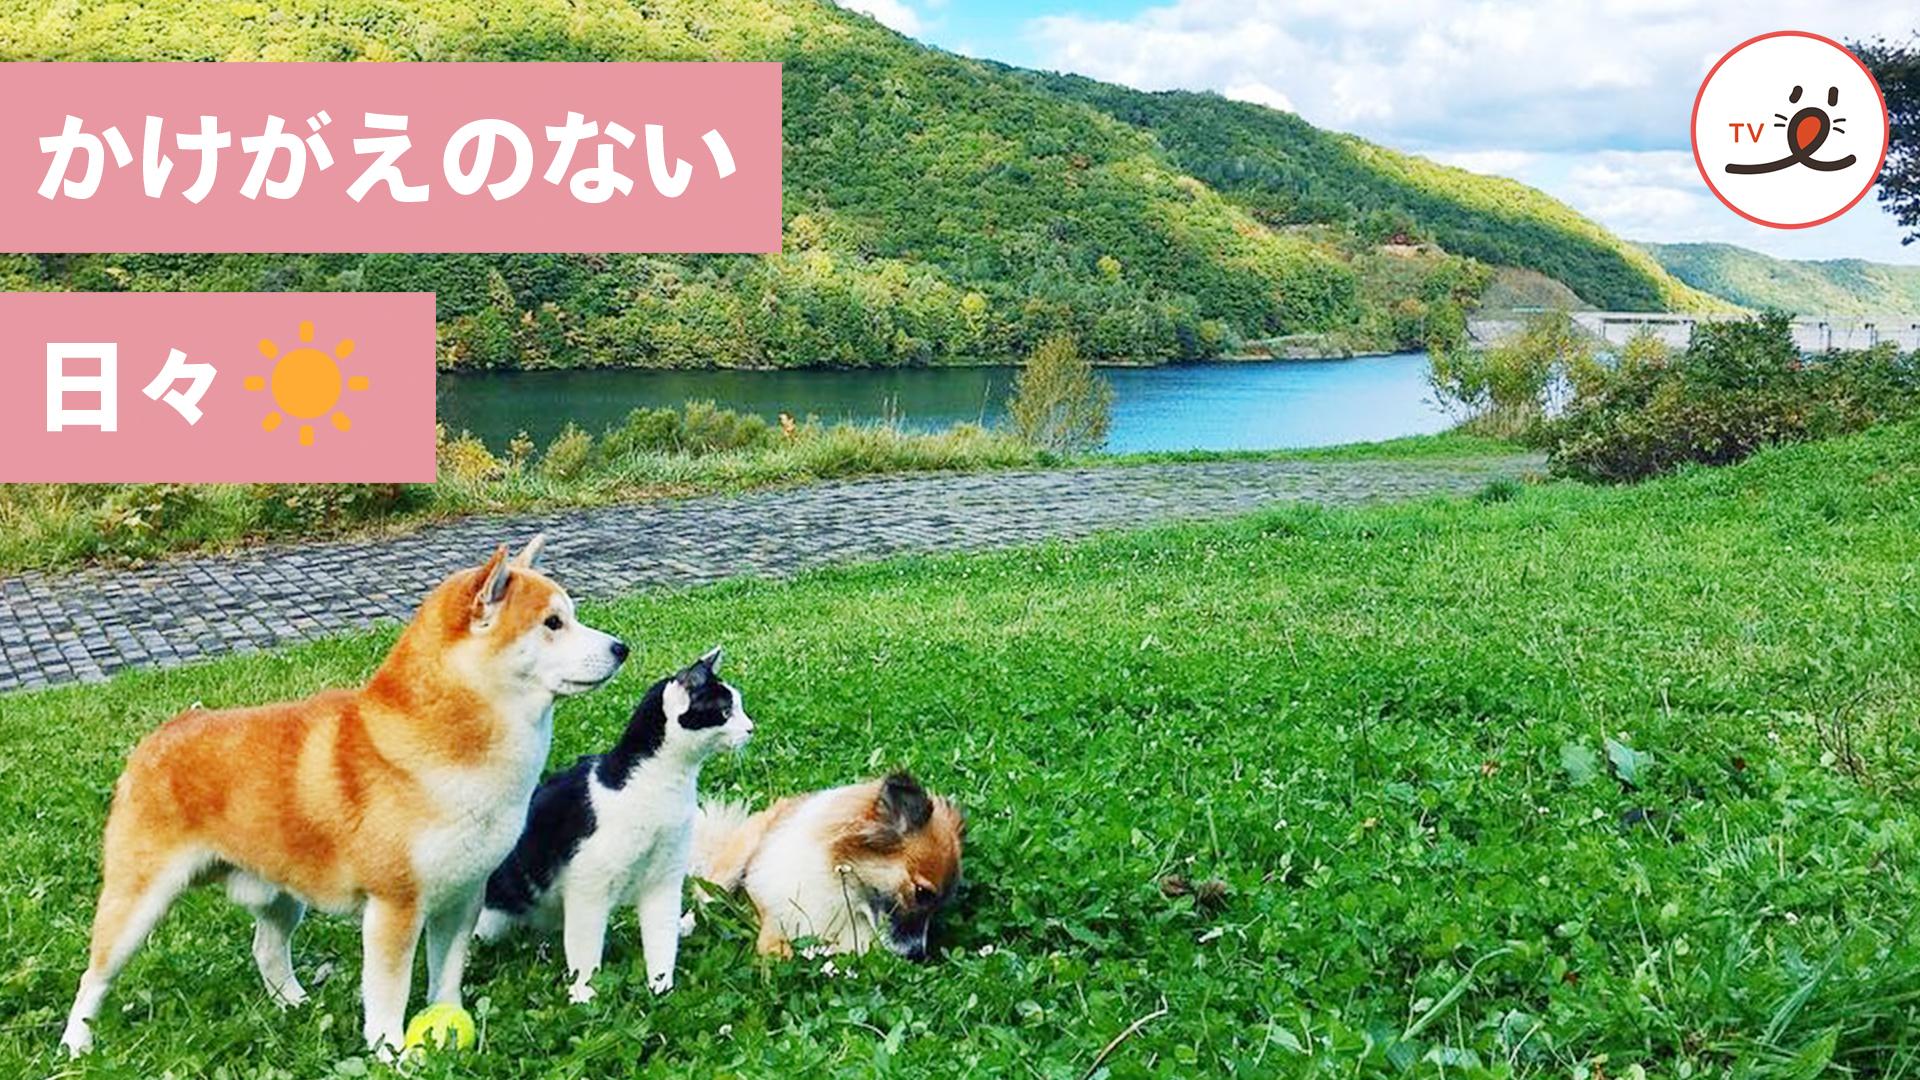 保護猫が2匹の犬に育てられた、心温まる優しい物語🌻